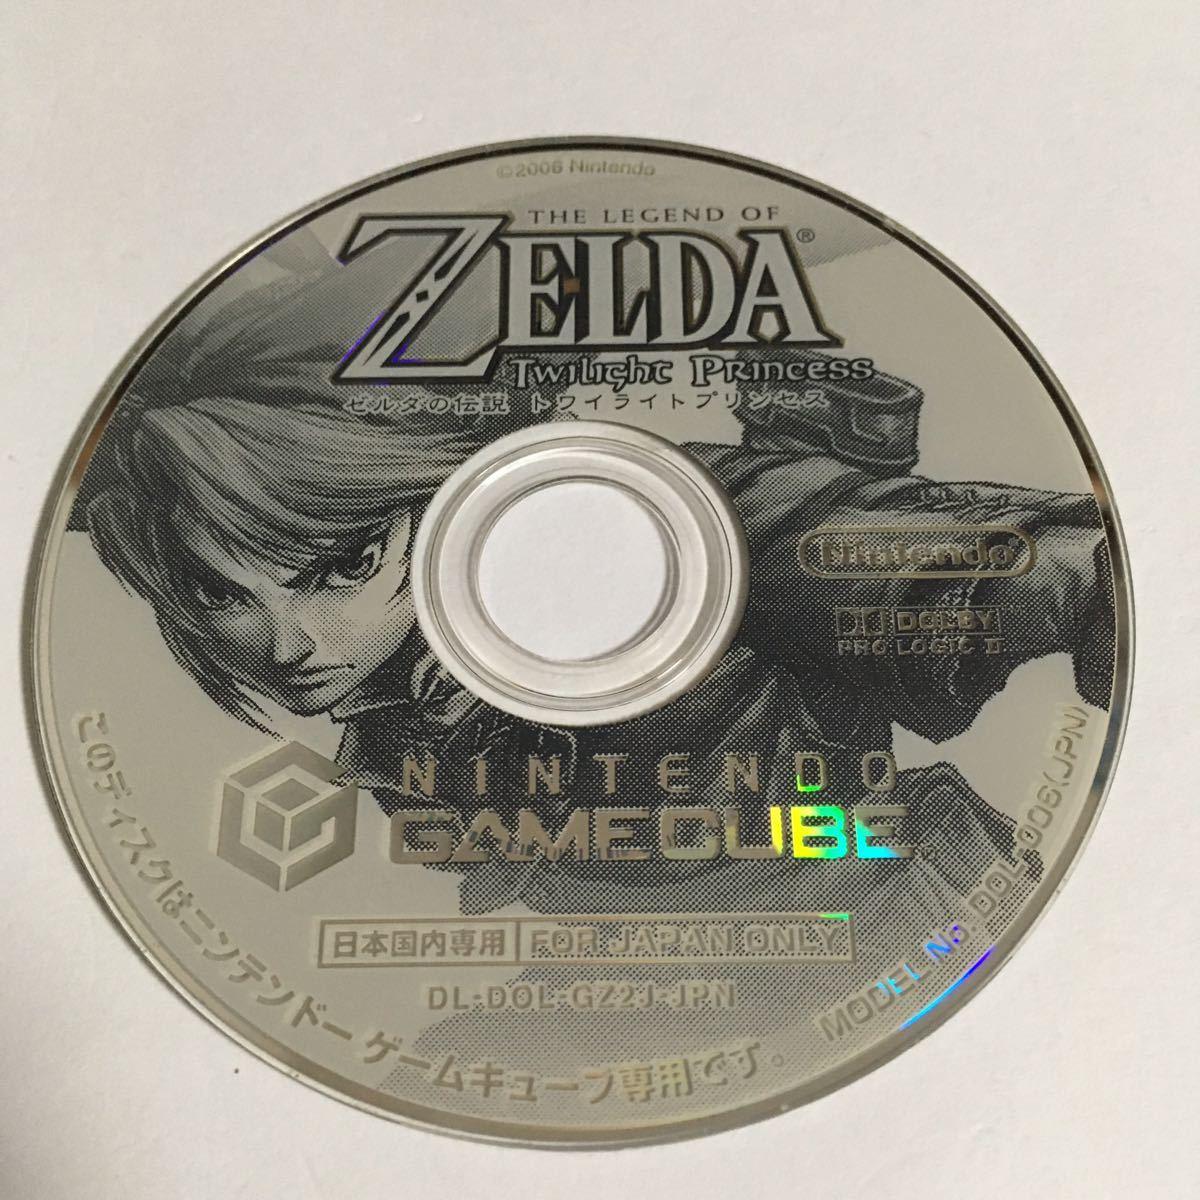 ゲームキューブ ソフト ゼルダの伝説 トワイライトプリンセス 動作確認済み リンク レトロ 説明書なし トワプリ